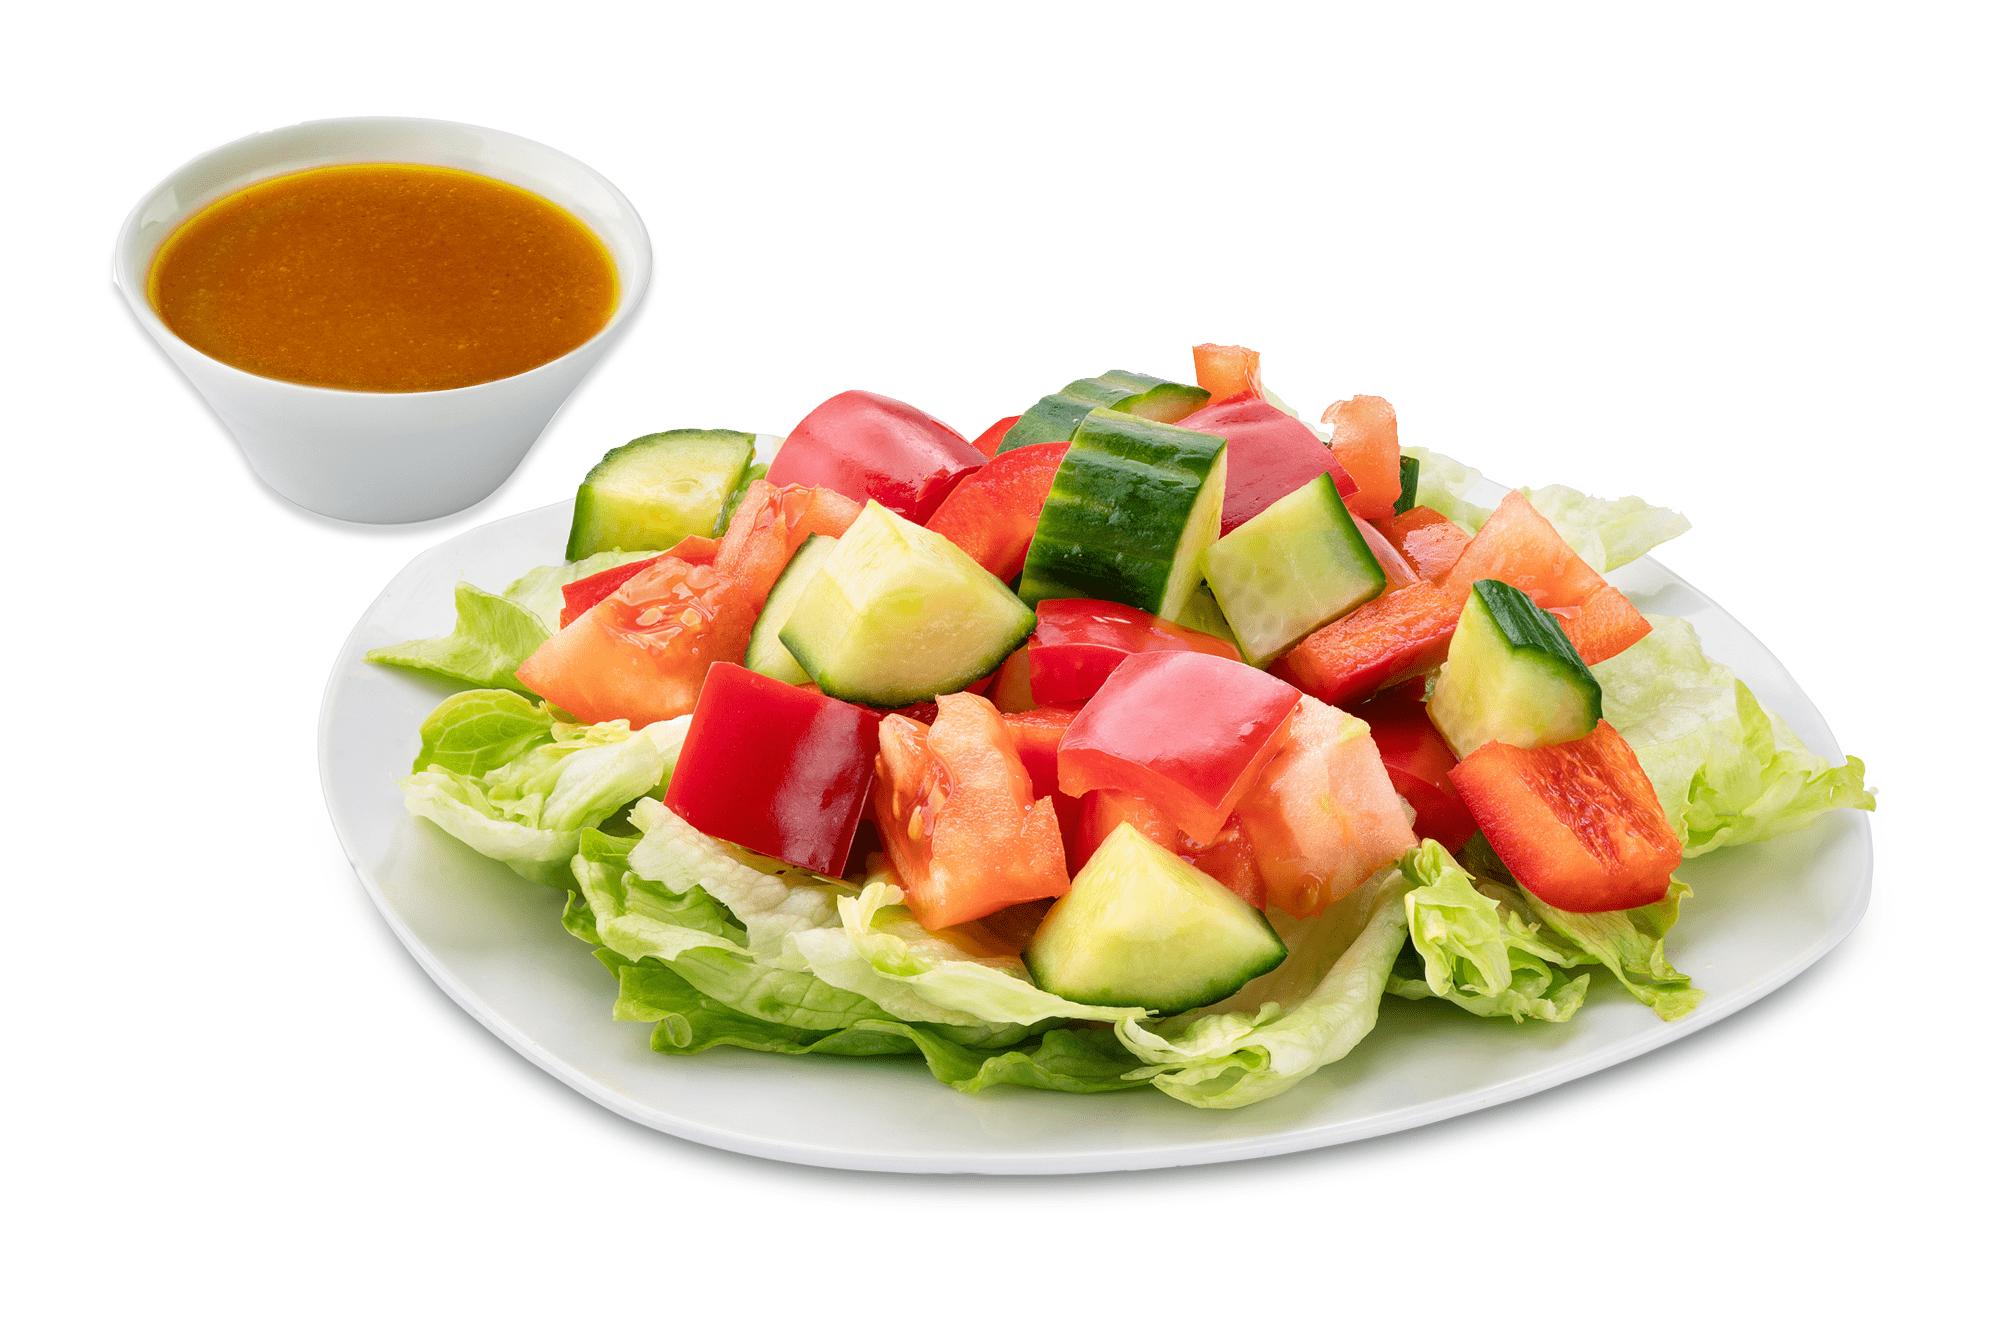 Fitness салат с имбирной заправкой